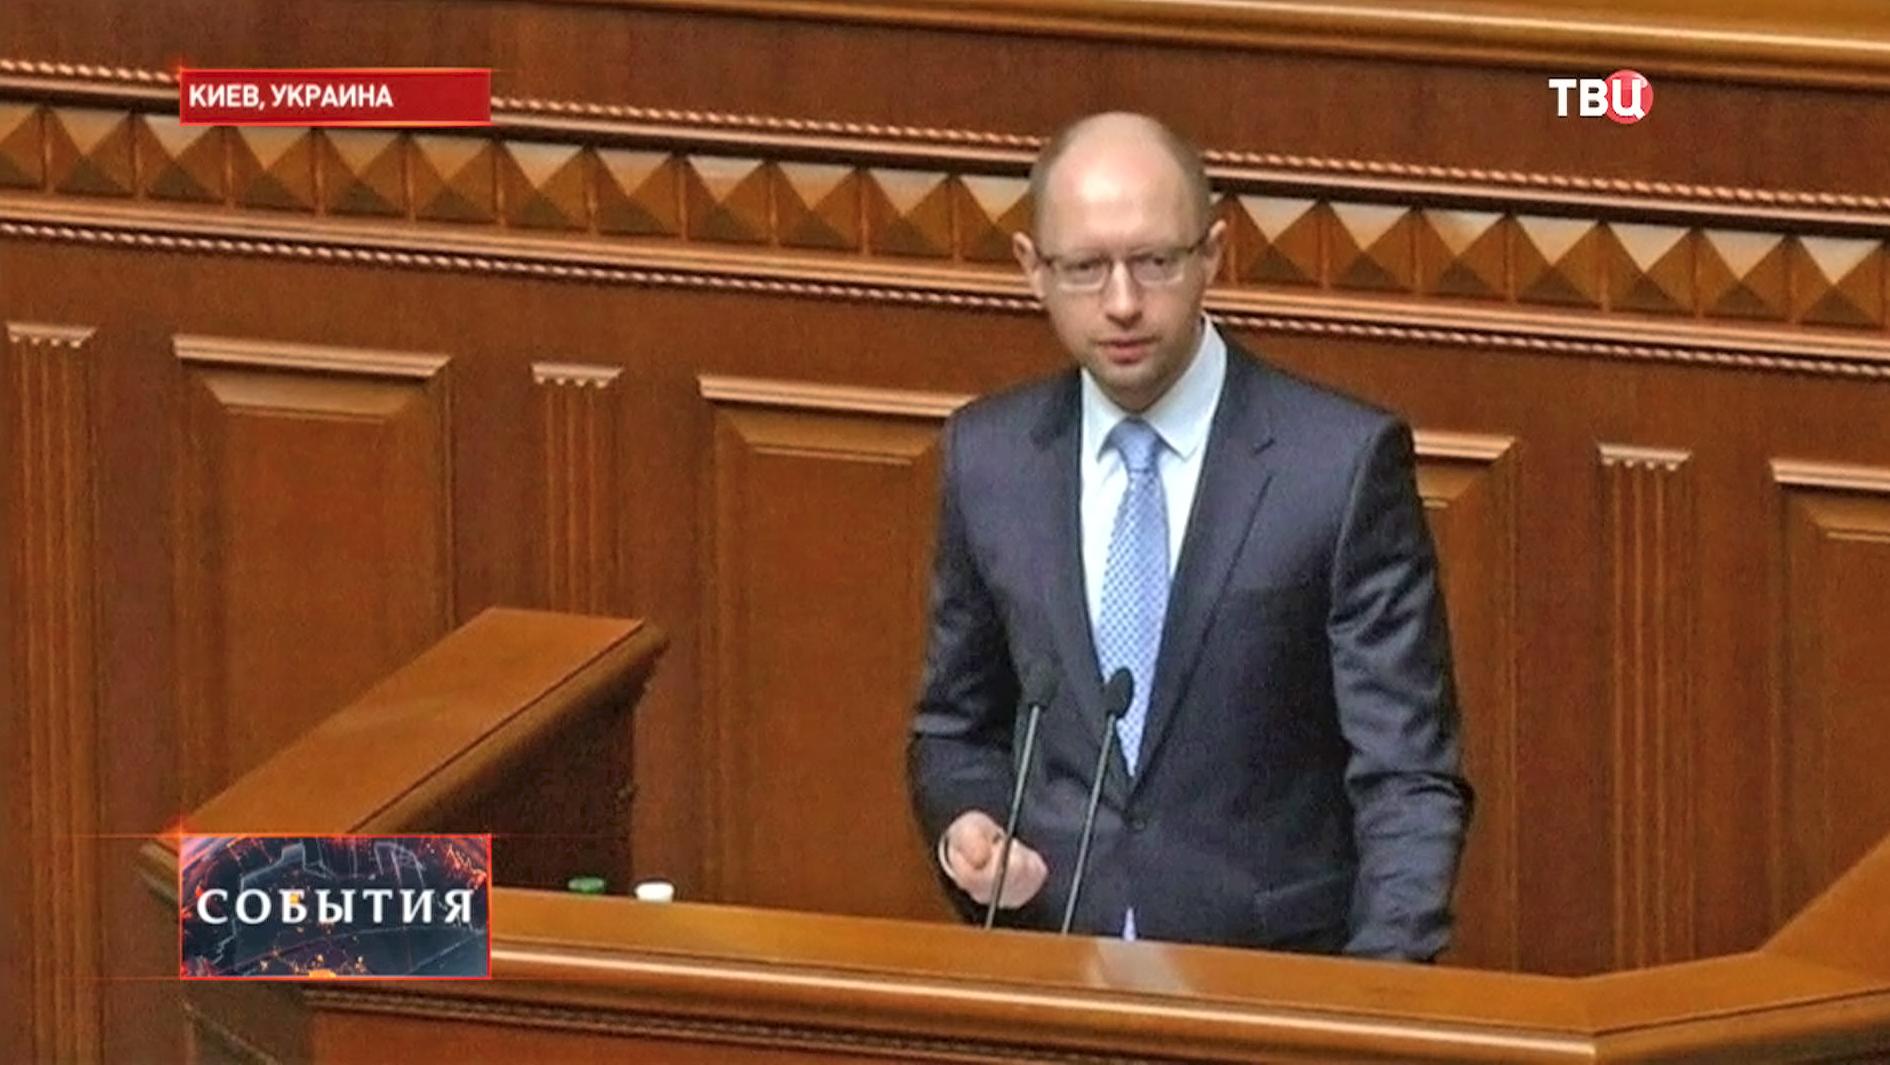 И. о. премьер-министра Украины Арсений Яценюк